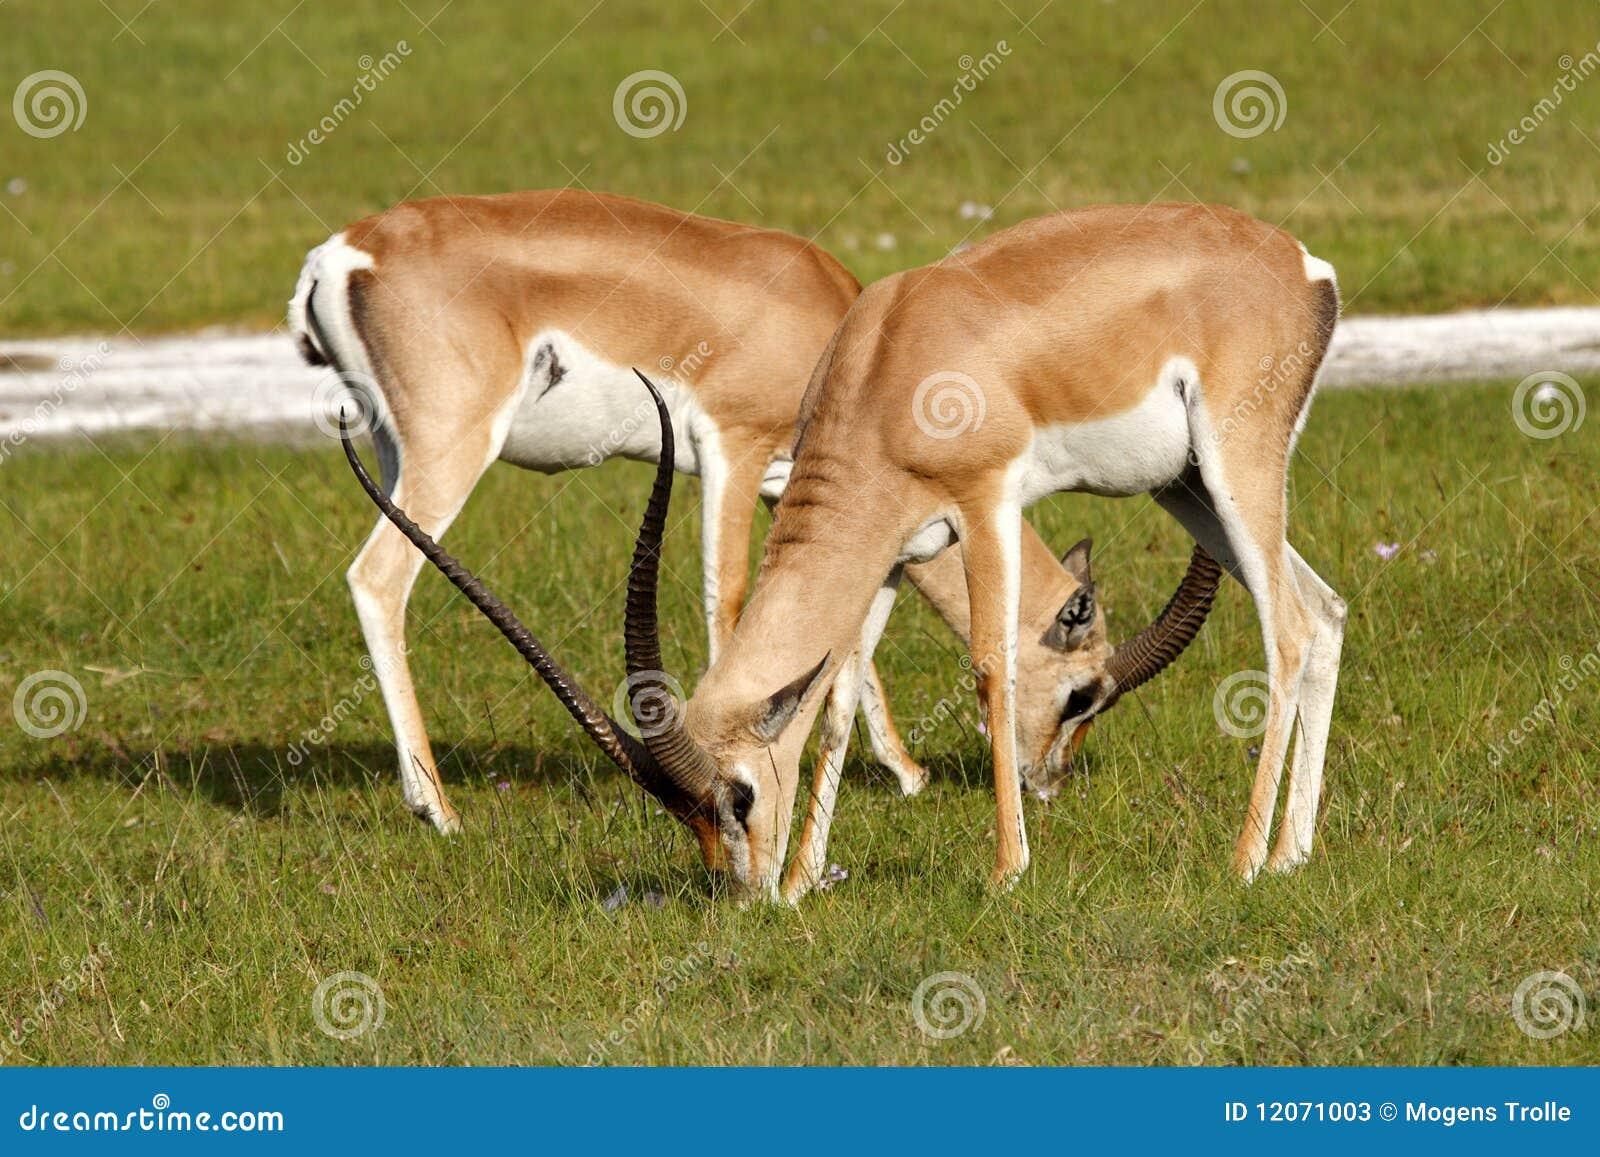 吃草肯尼亚男s的瞪羚授予